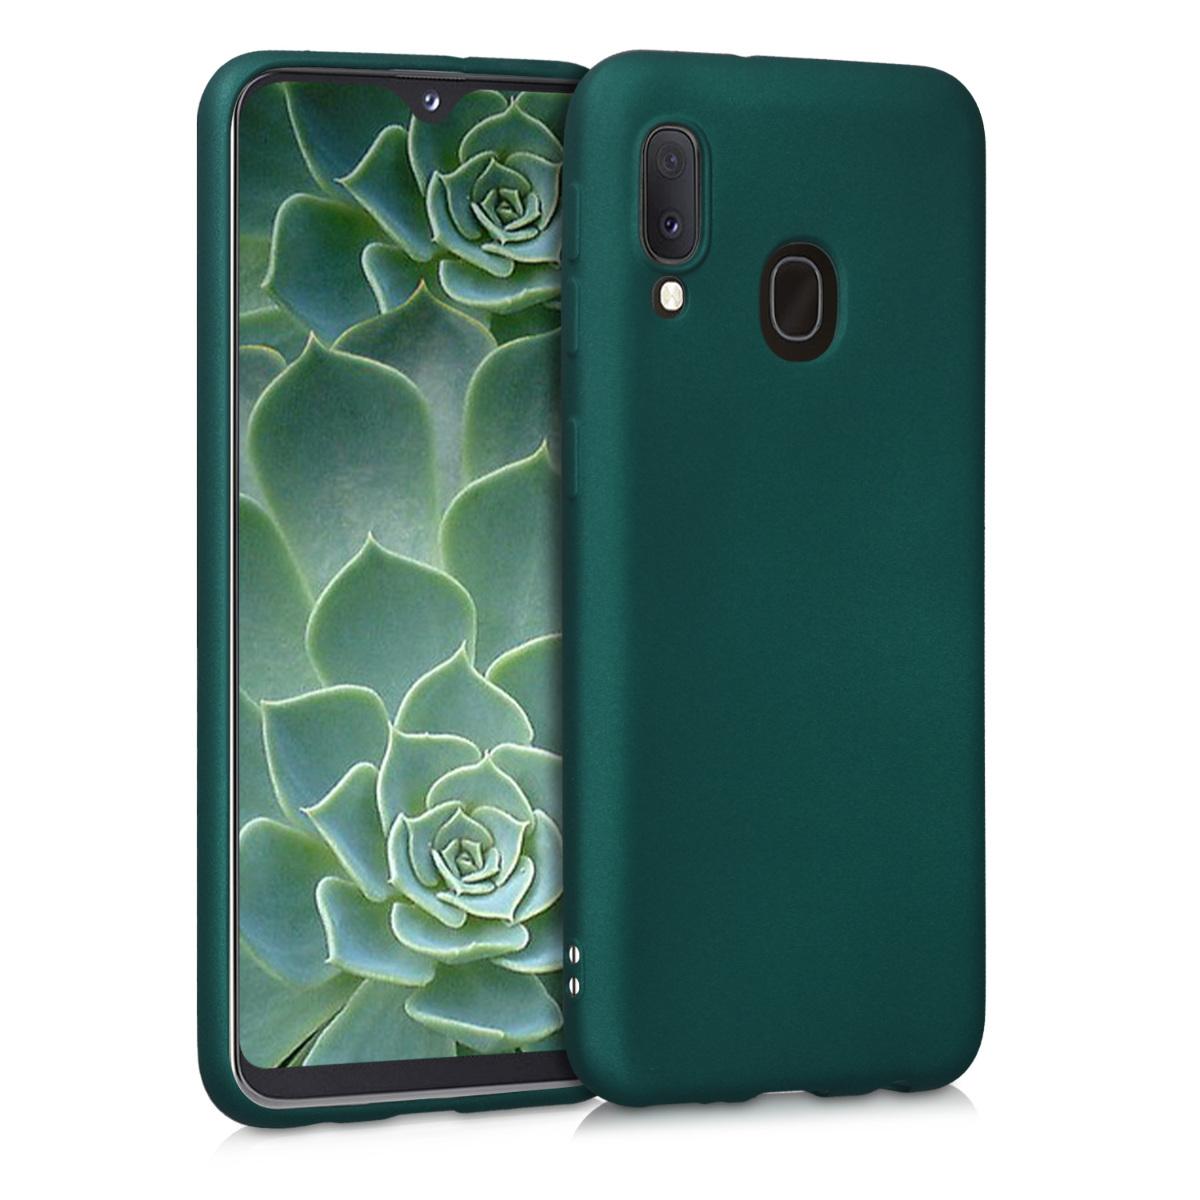 Kvalitní silikonové TPU pouzdro pro Samsung A20e - Tmavé metalické zelené